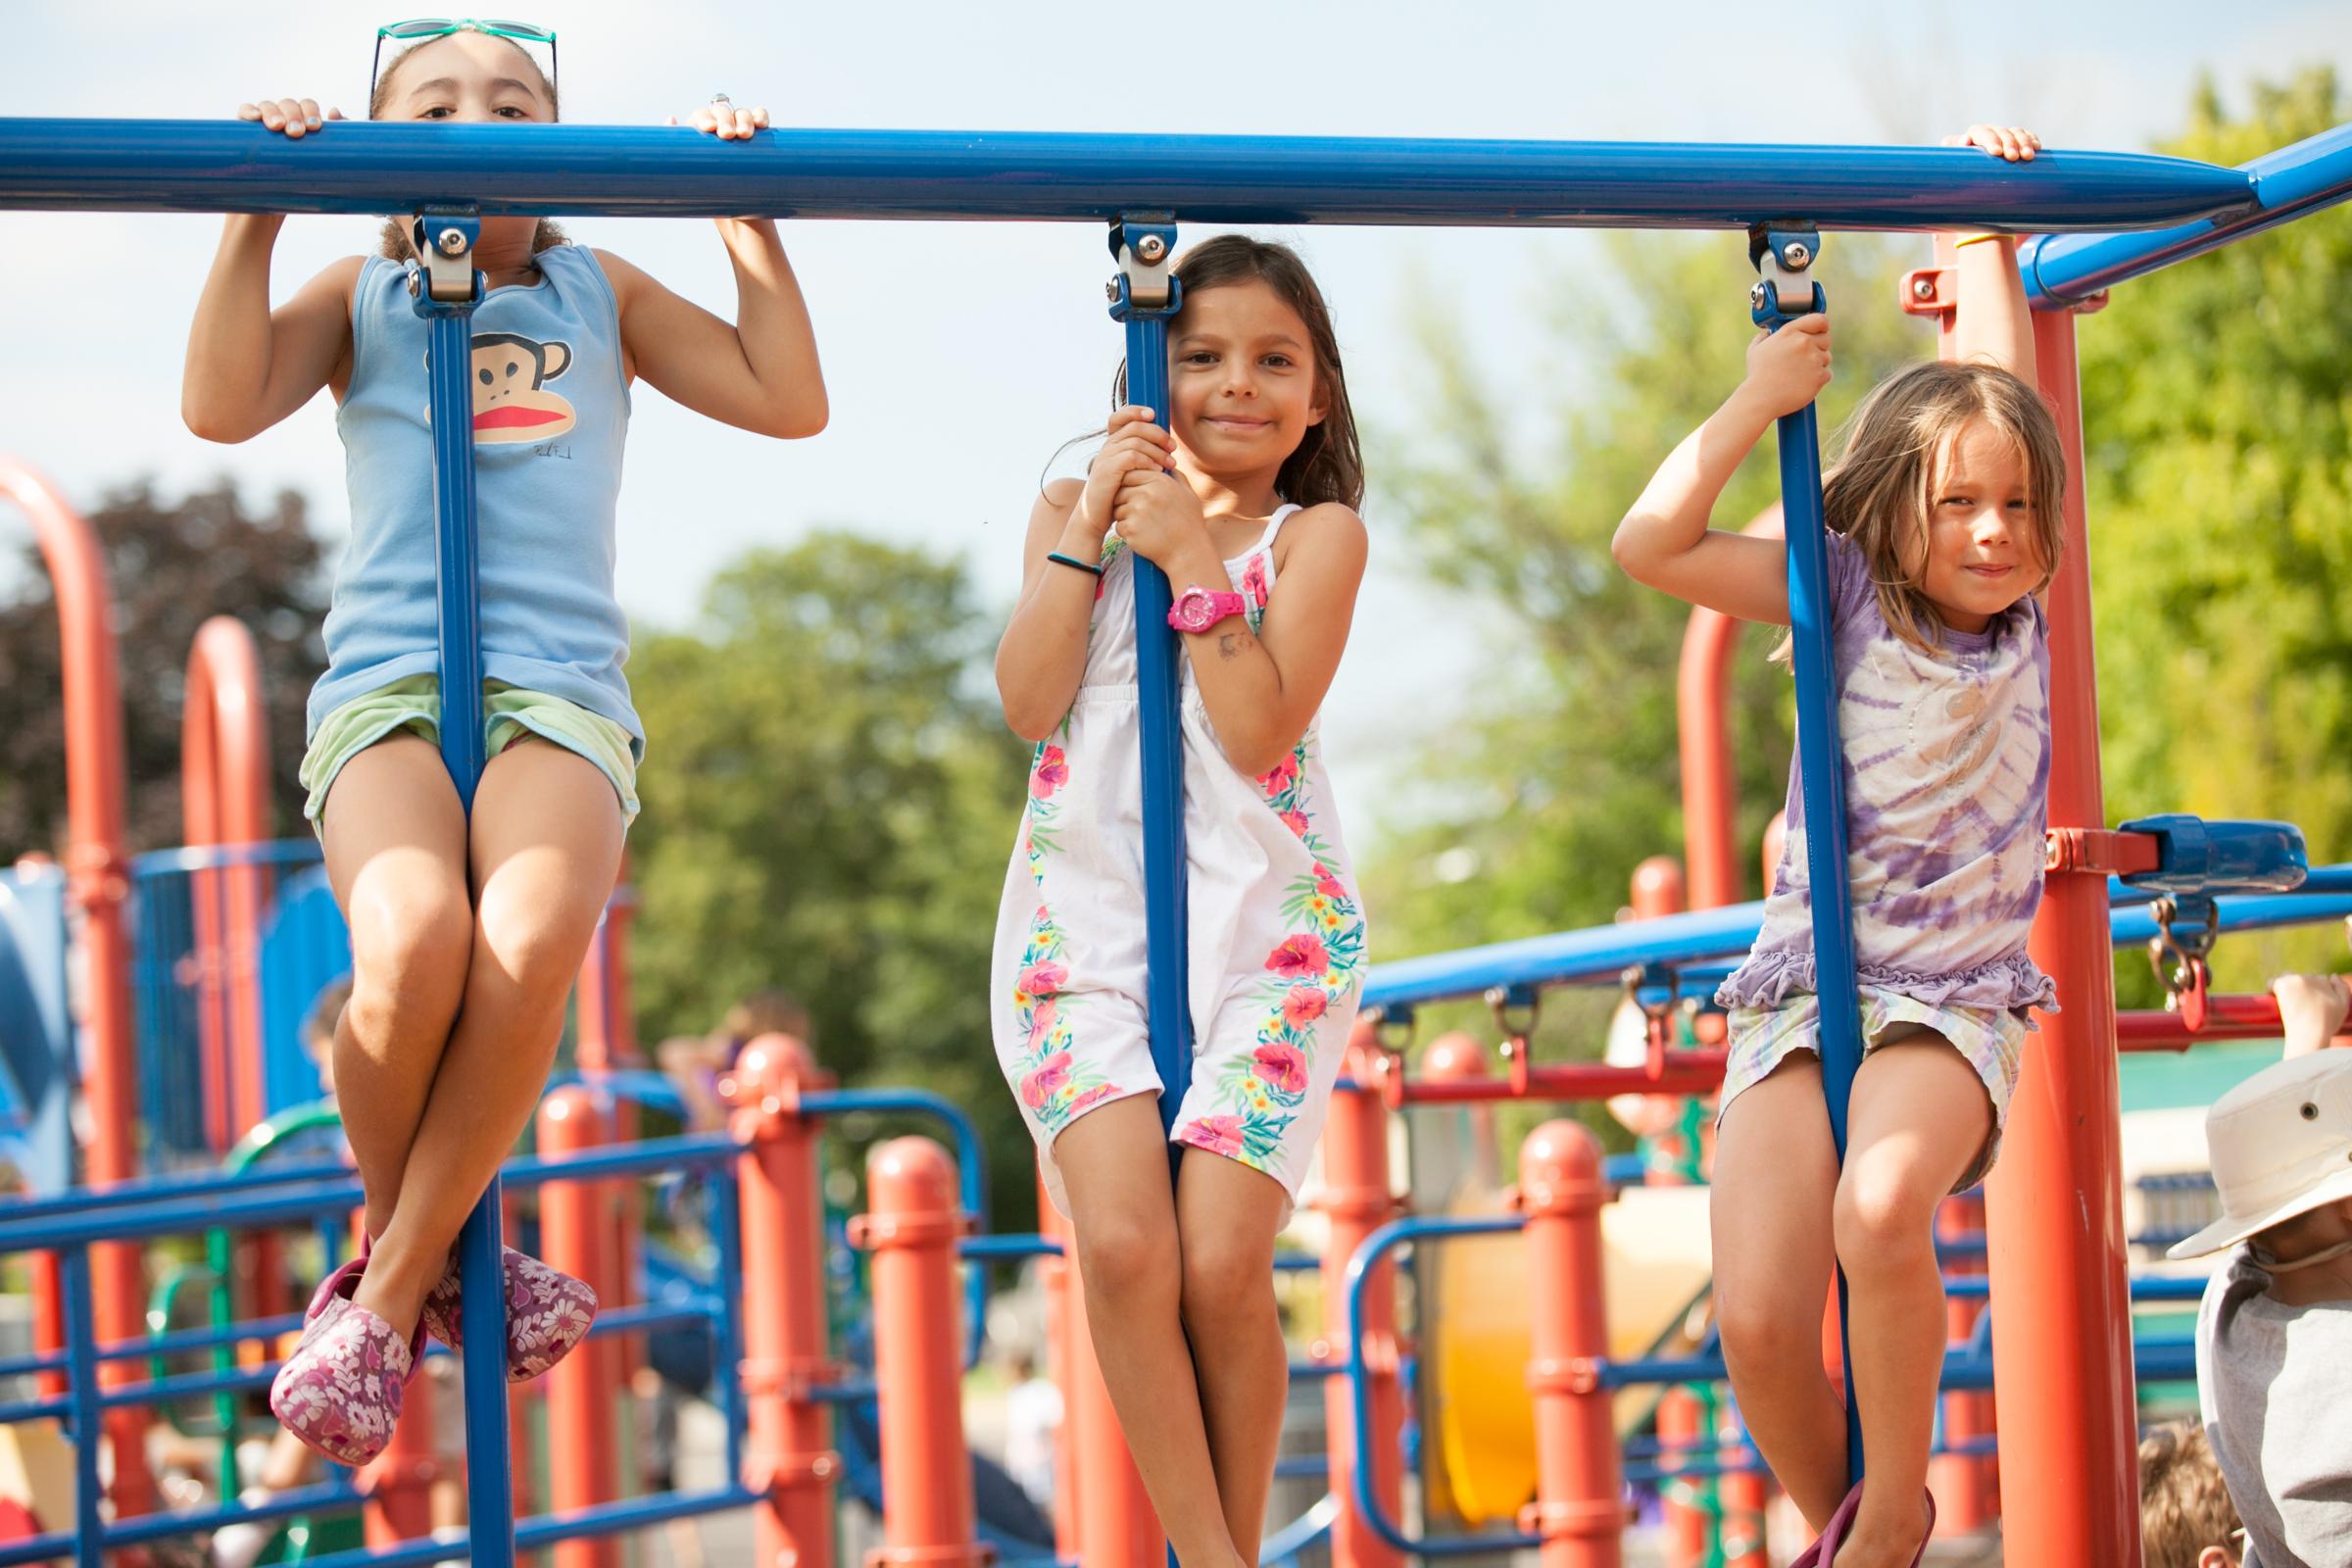 three girls on playground equipment